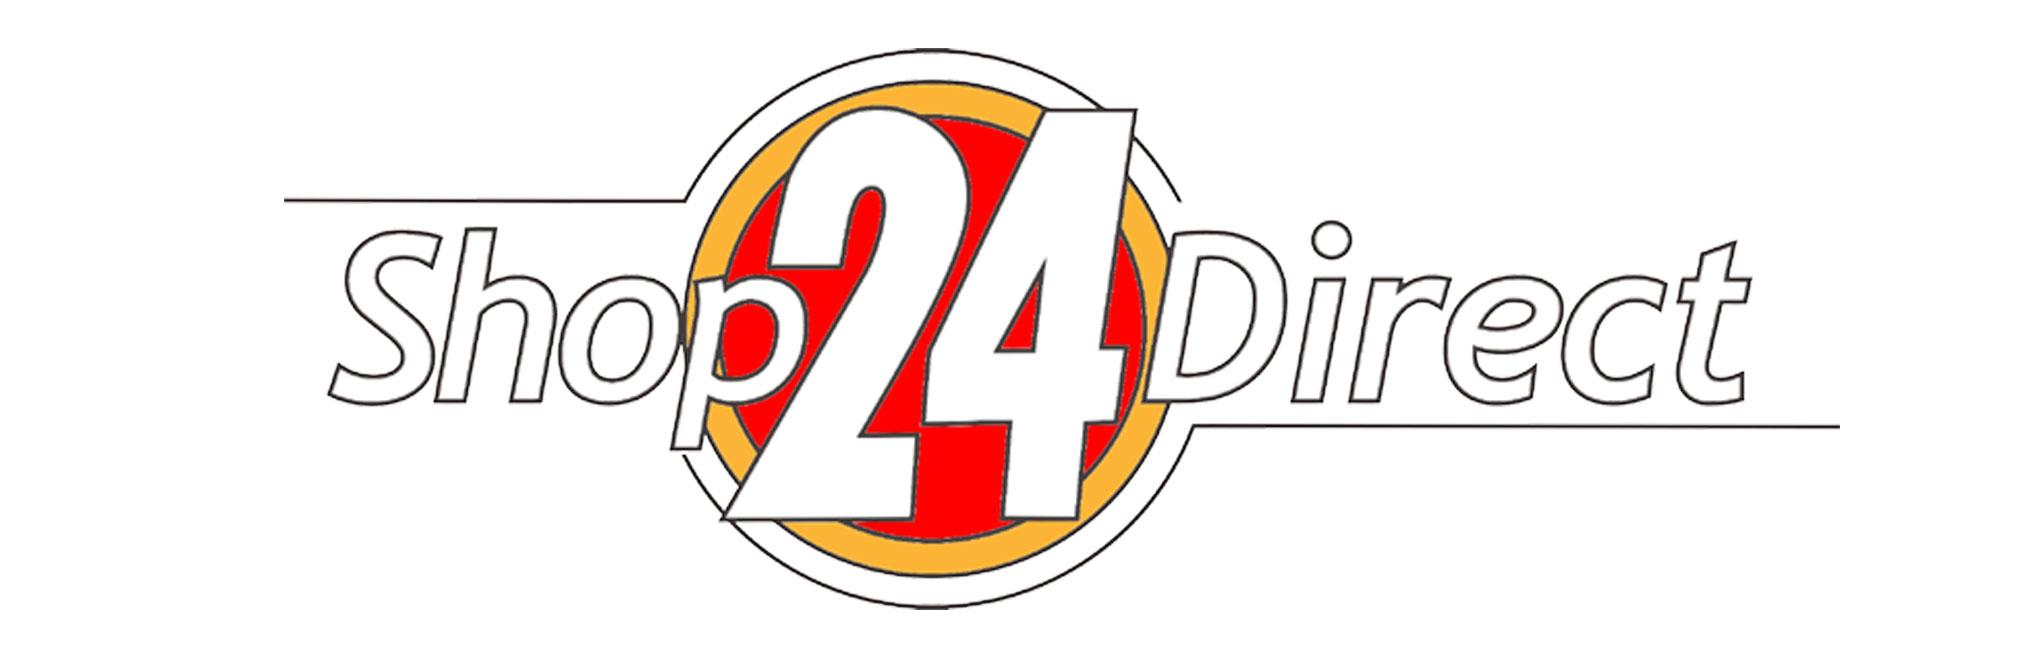 Mitch Keller bei Shop24Direct kaufen